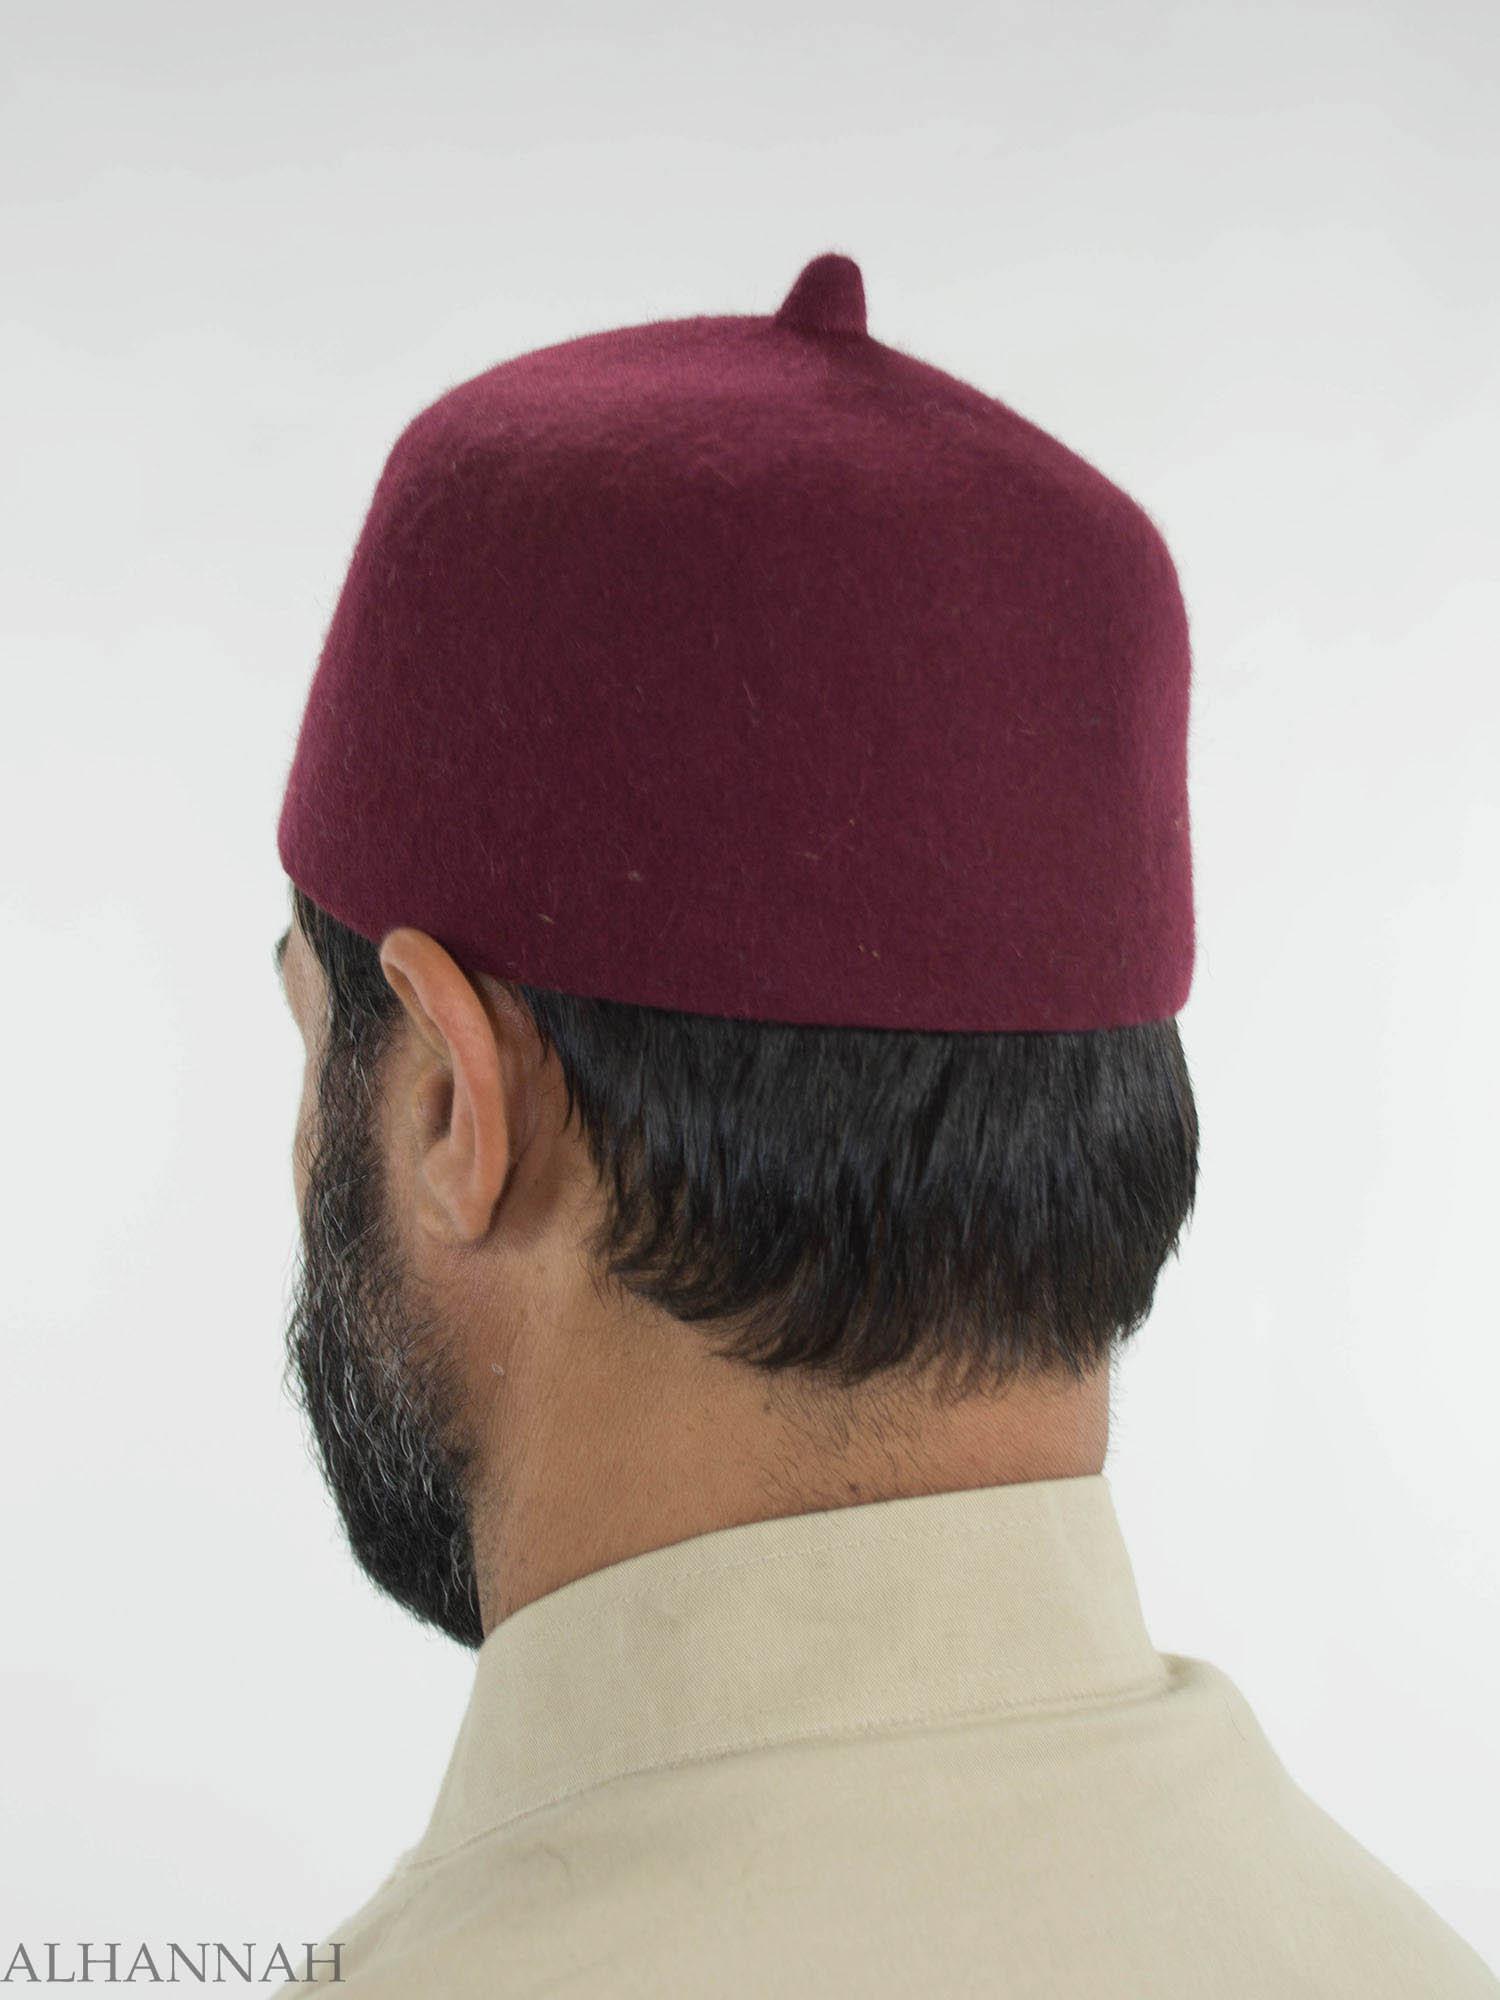 Middle Eastern Tarboush me426 (2)